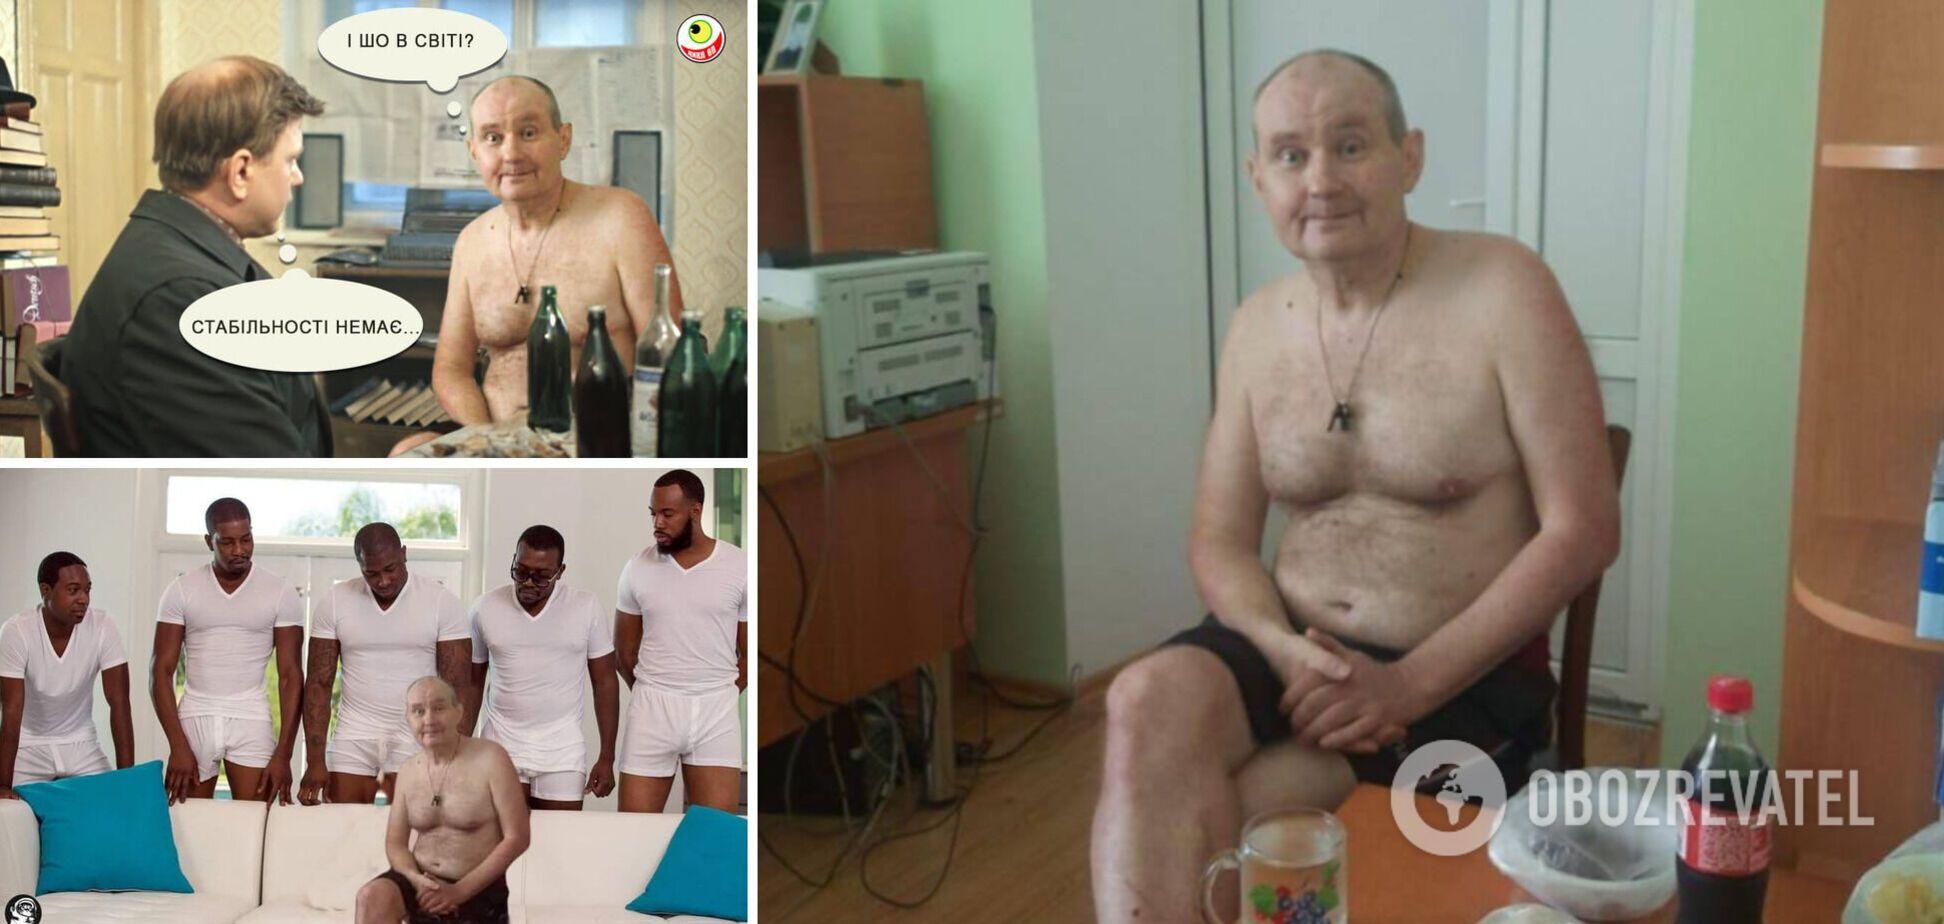 Украинцы отреагировали на 'появление' судьи Чауса мемами и фотожабами: запасаемся попкорном. Фото